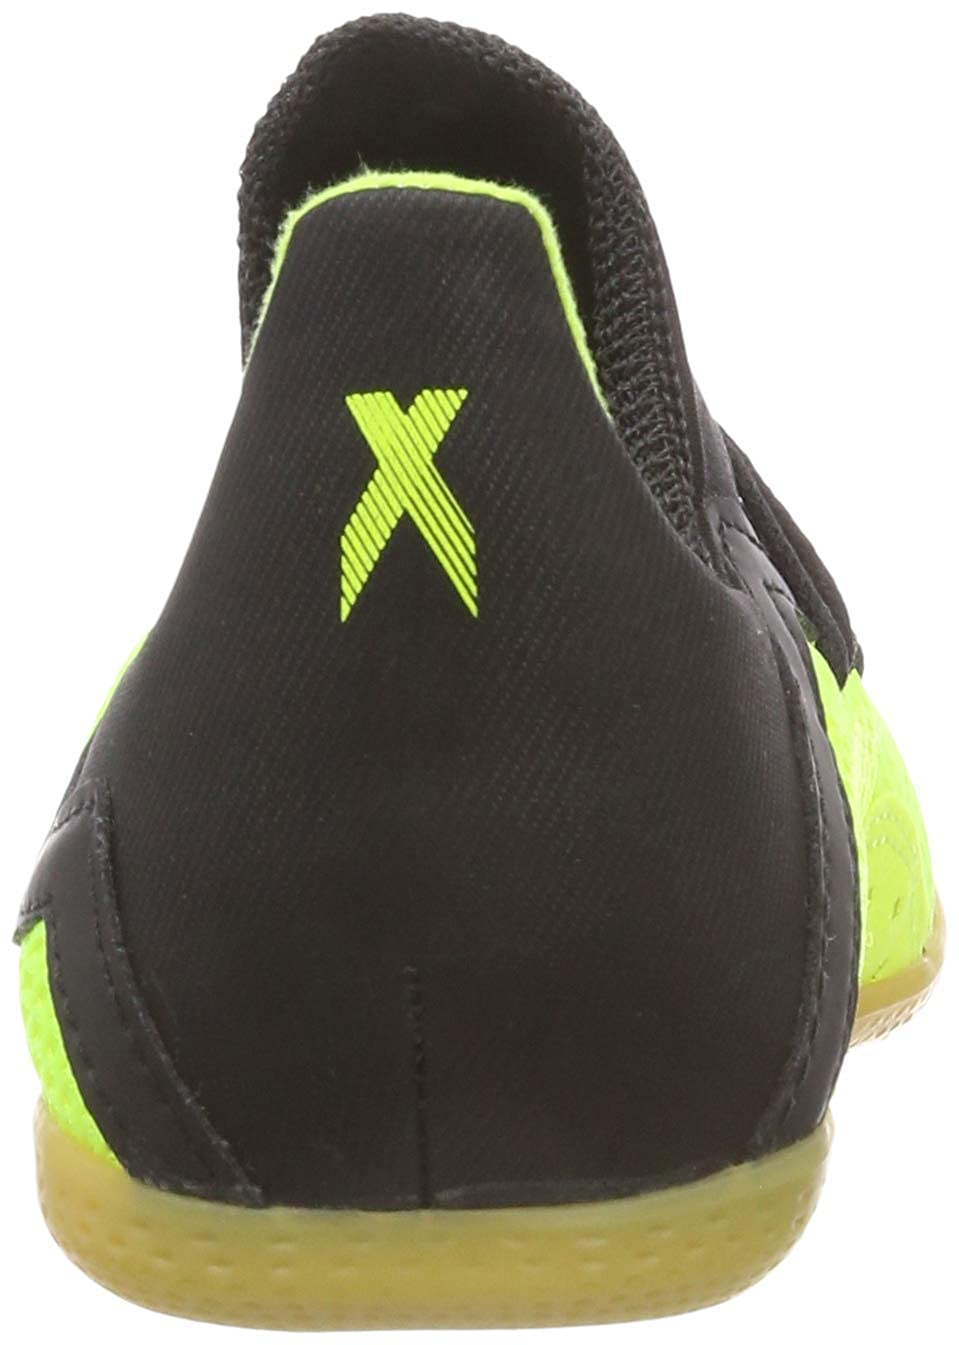 quality design eedaa 572a2 Adidas X Tango 18.3 In J, Zapatillas de Fútbol para Niños  Amazon.es   Zapatos y complementos